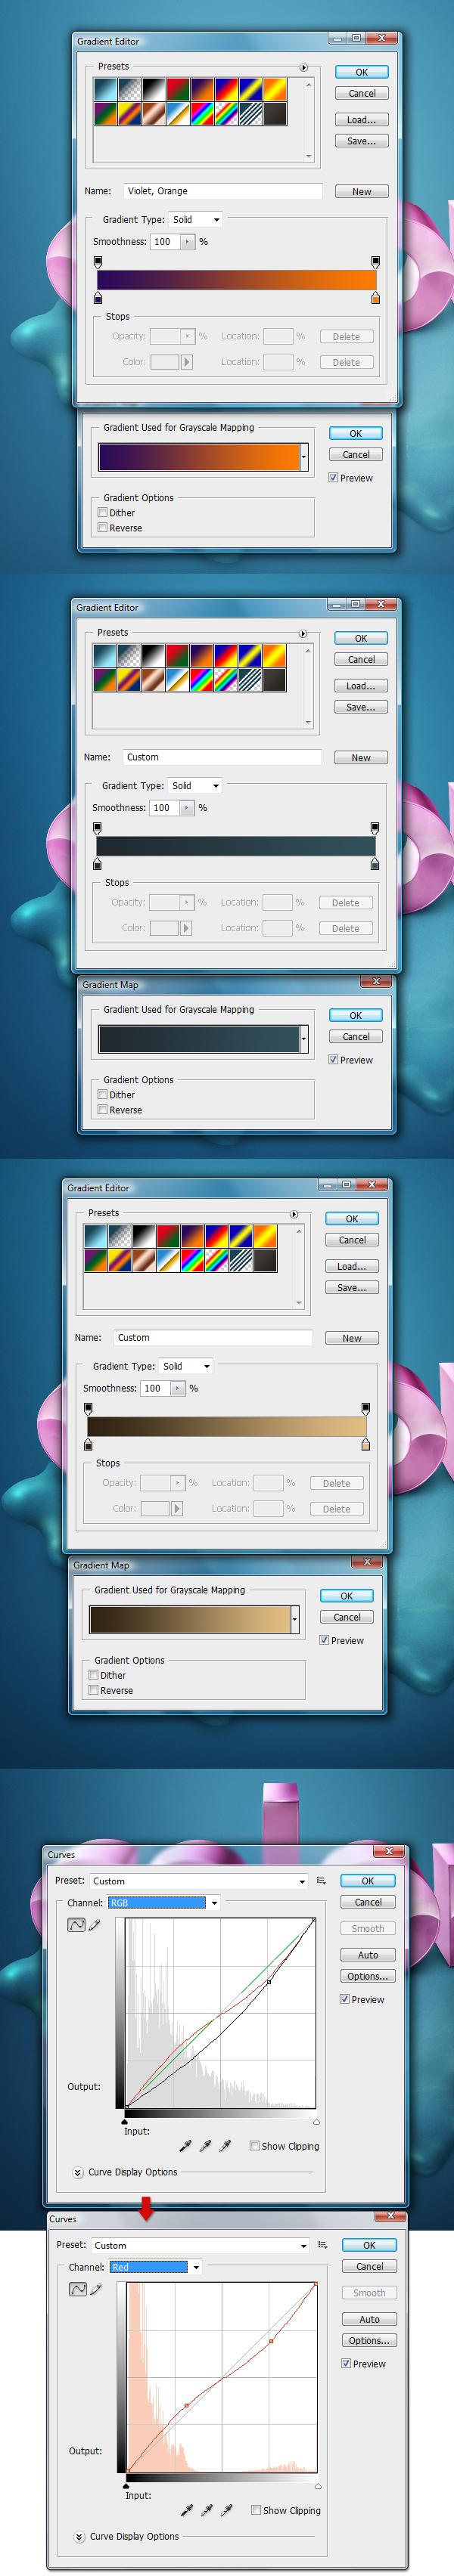 28 Thiết Kế 3D Text với Màu Sắc Ấn Tượng   Phần 1